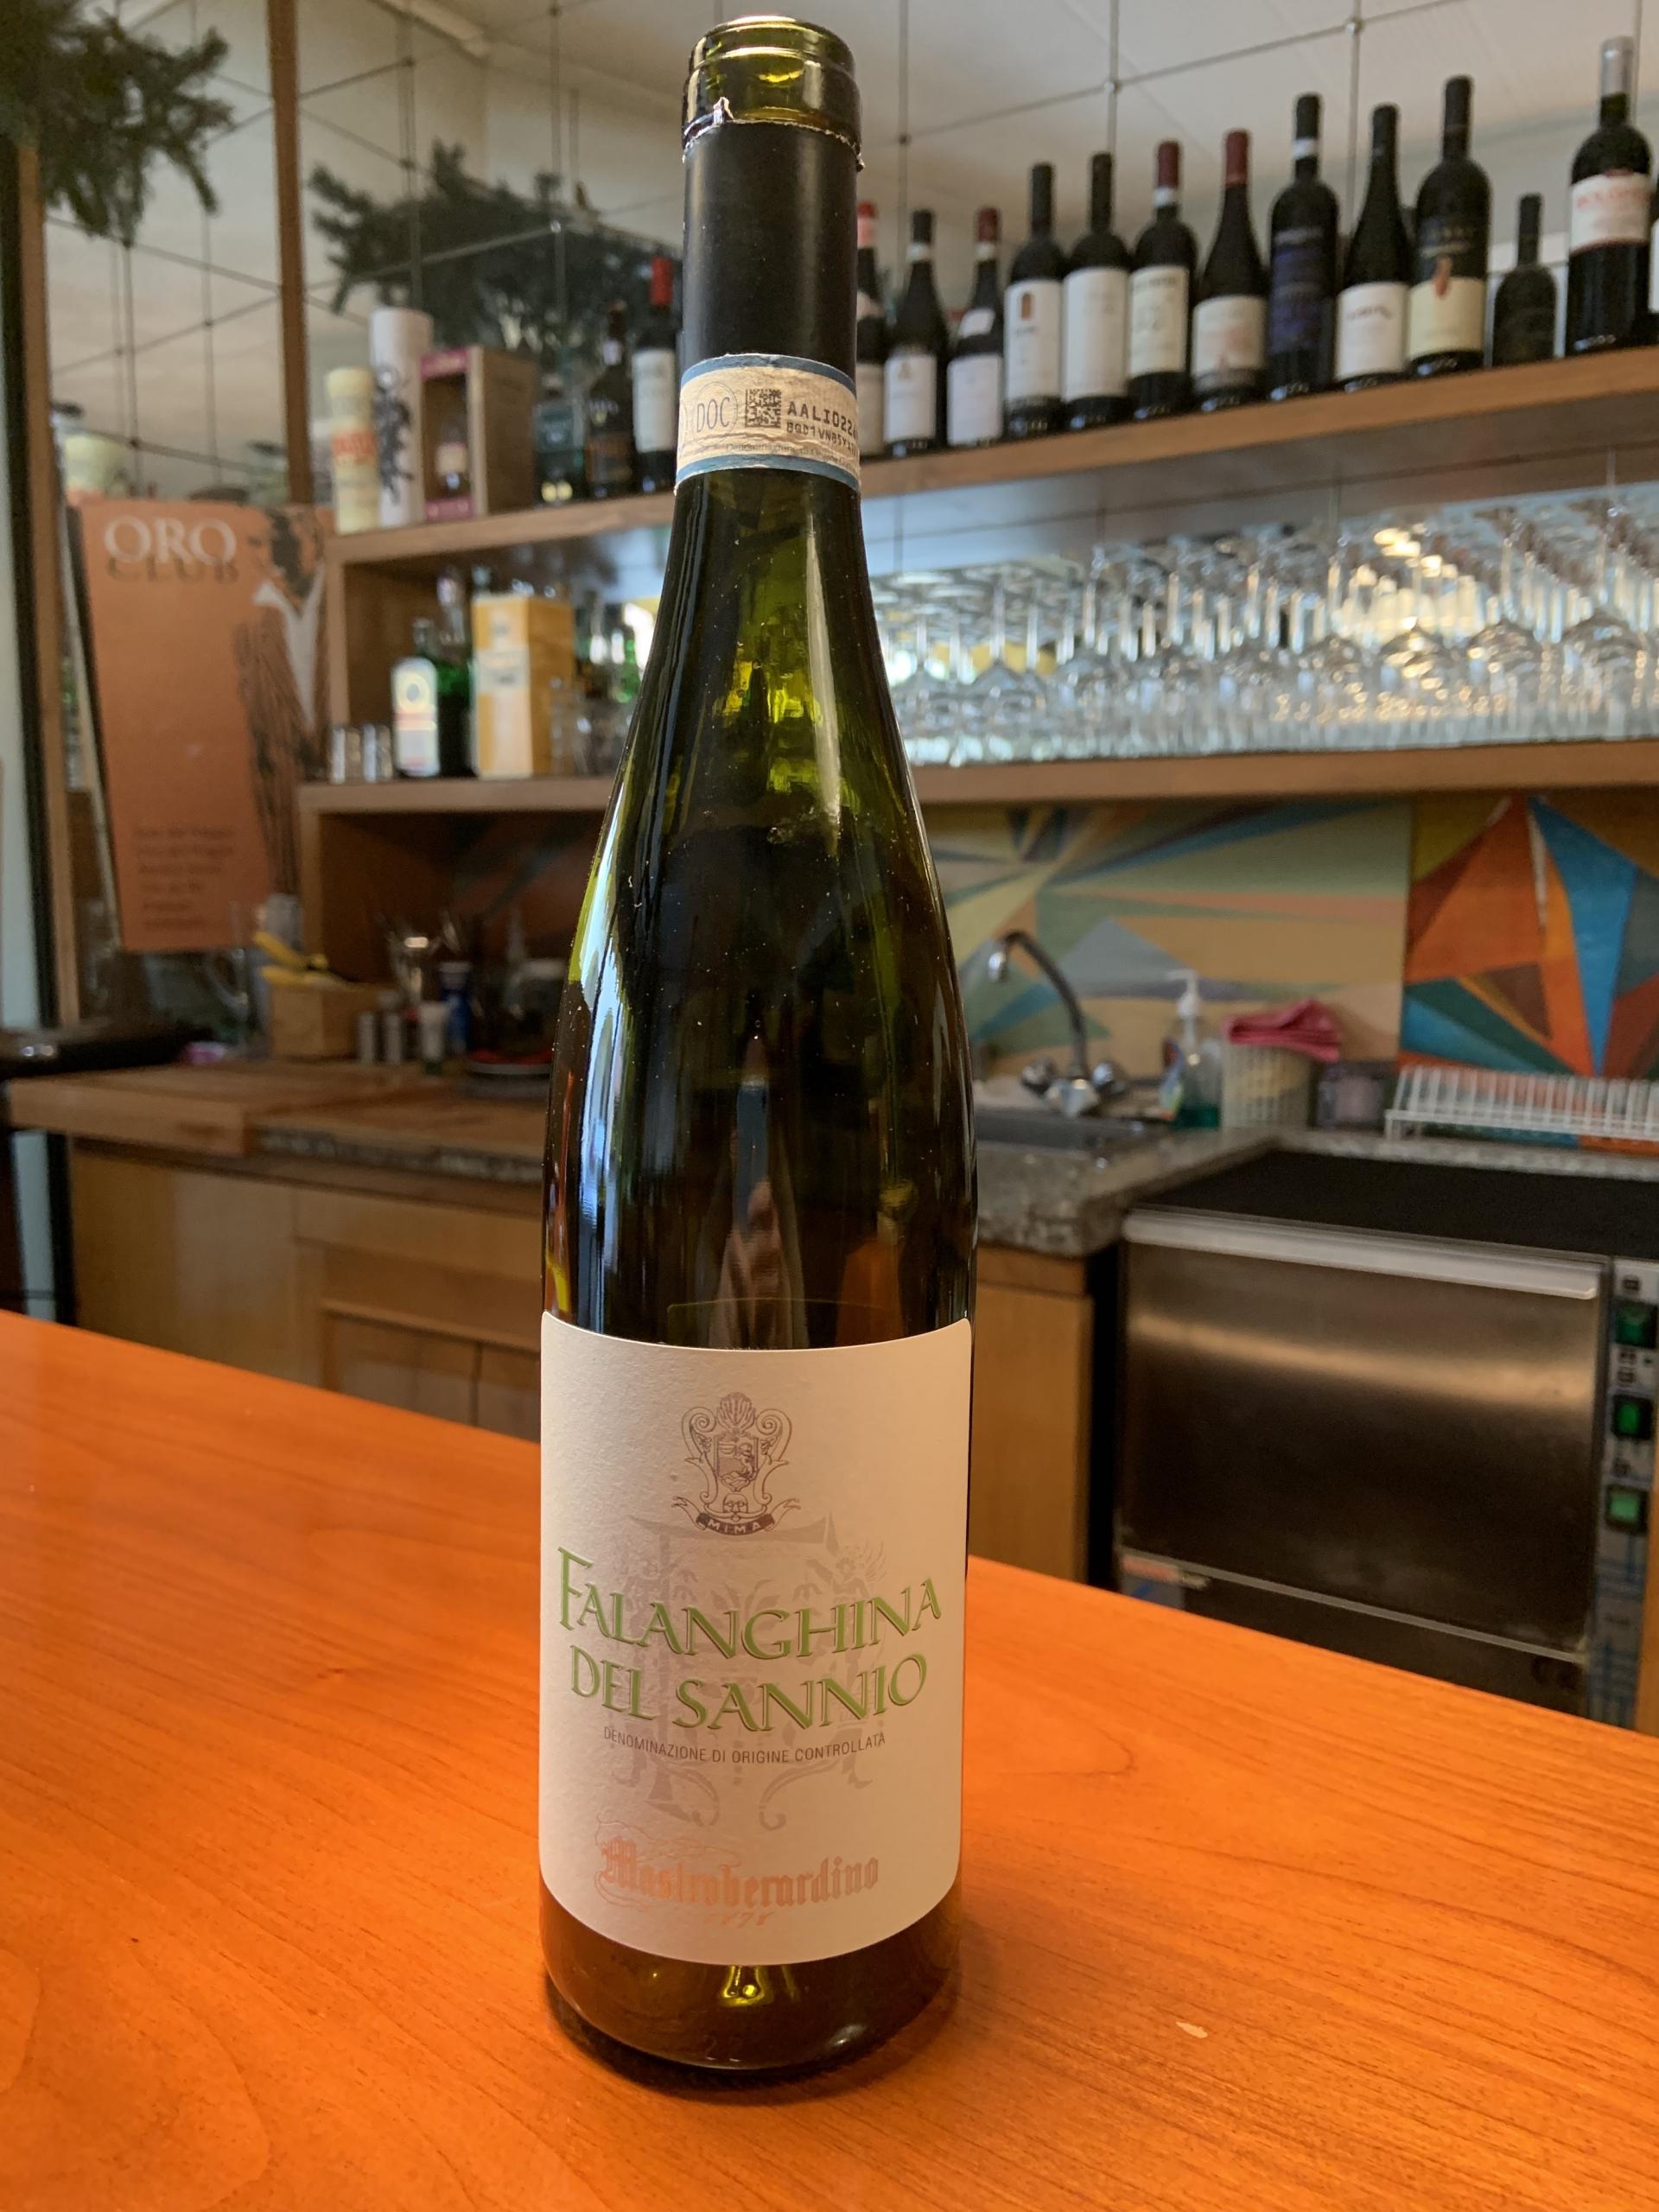 Il vino della settimana: Falanghina del Sannio 2017, di Mastrobernardino